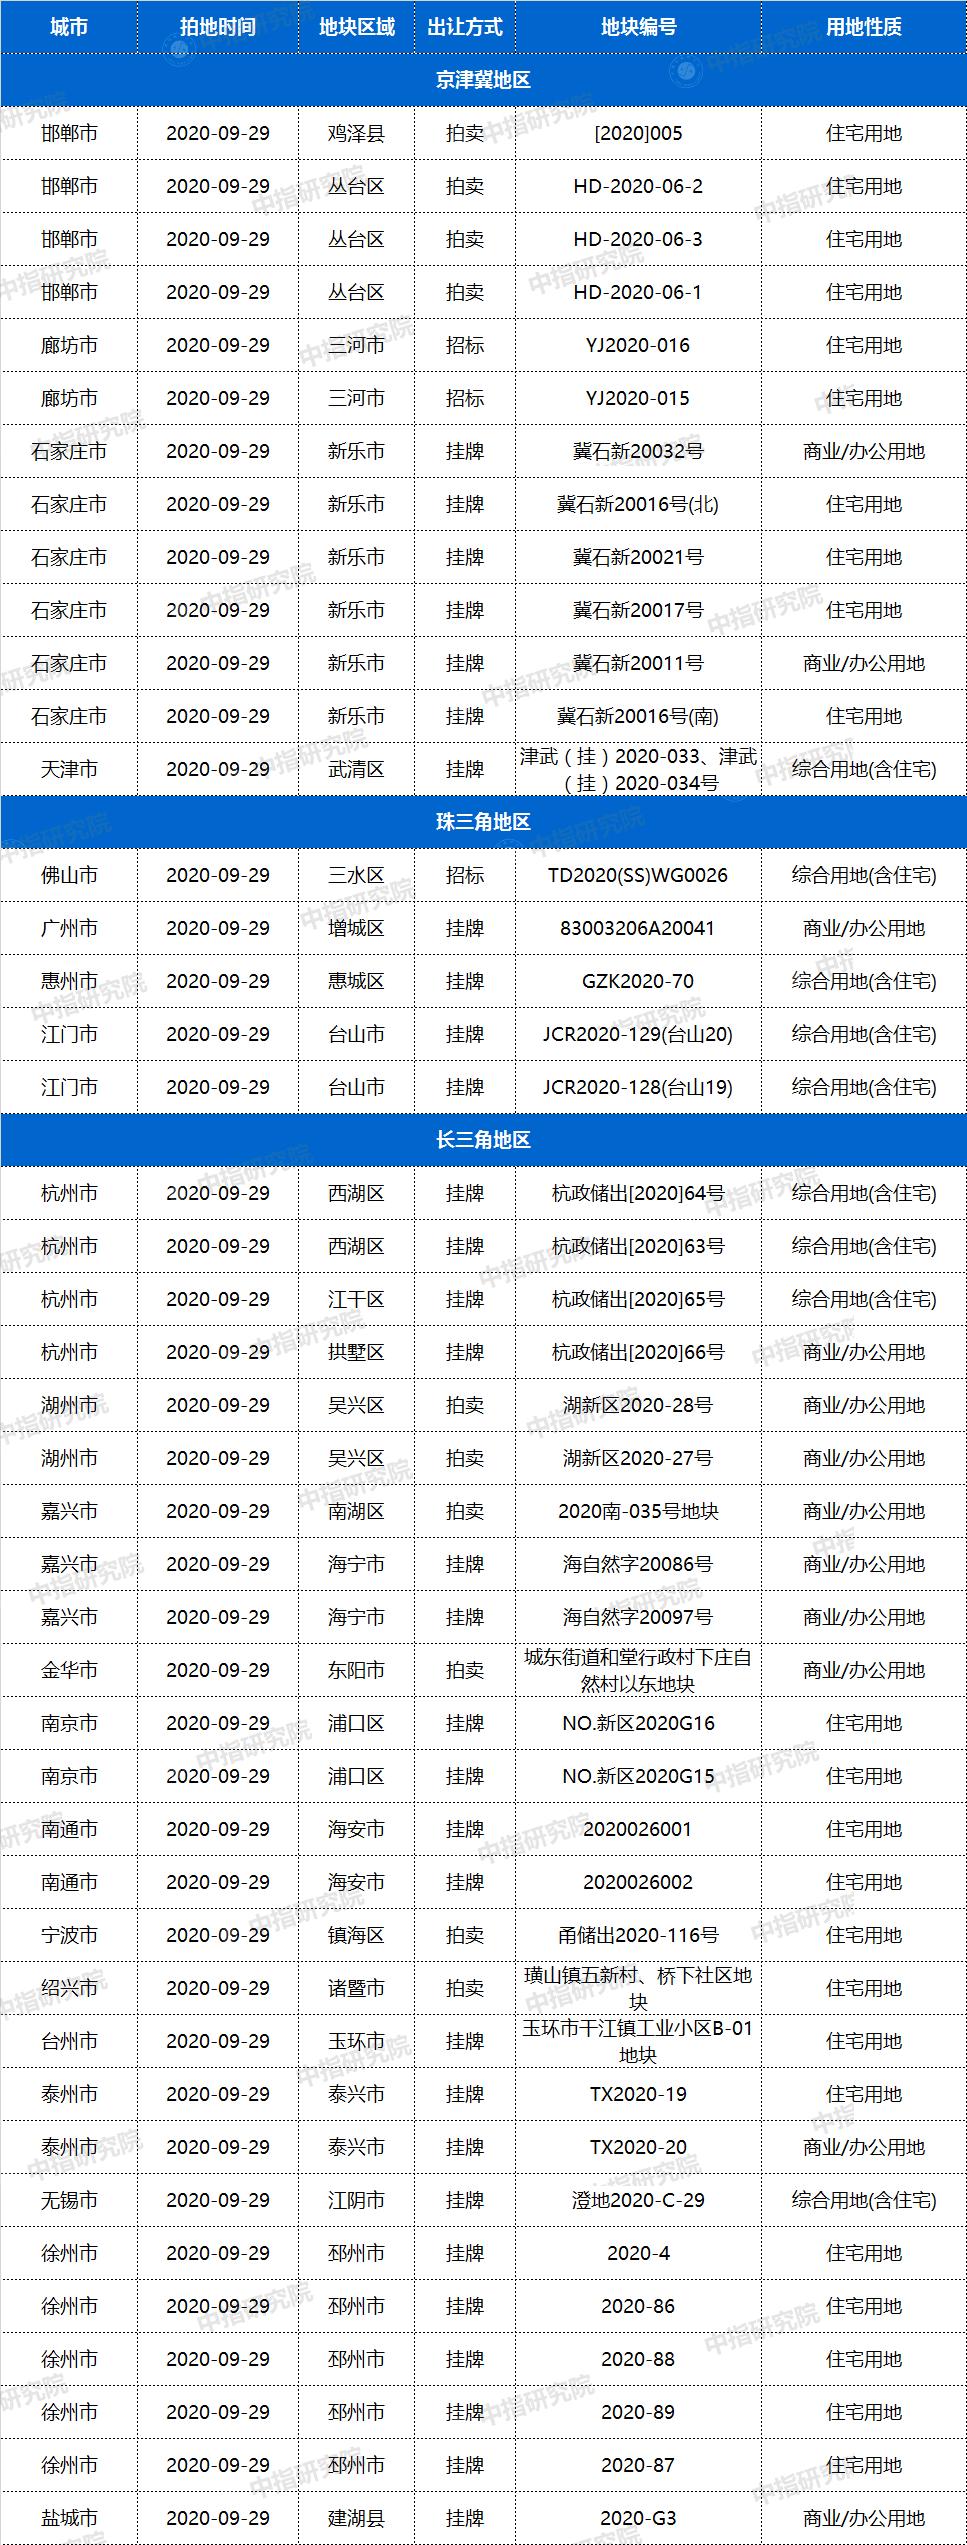 区域,|,9月29日43城118宗地块出让,城市,[地块 中指]土拍预告 情报,其中包含宅地91宗惠州有宅地出让.